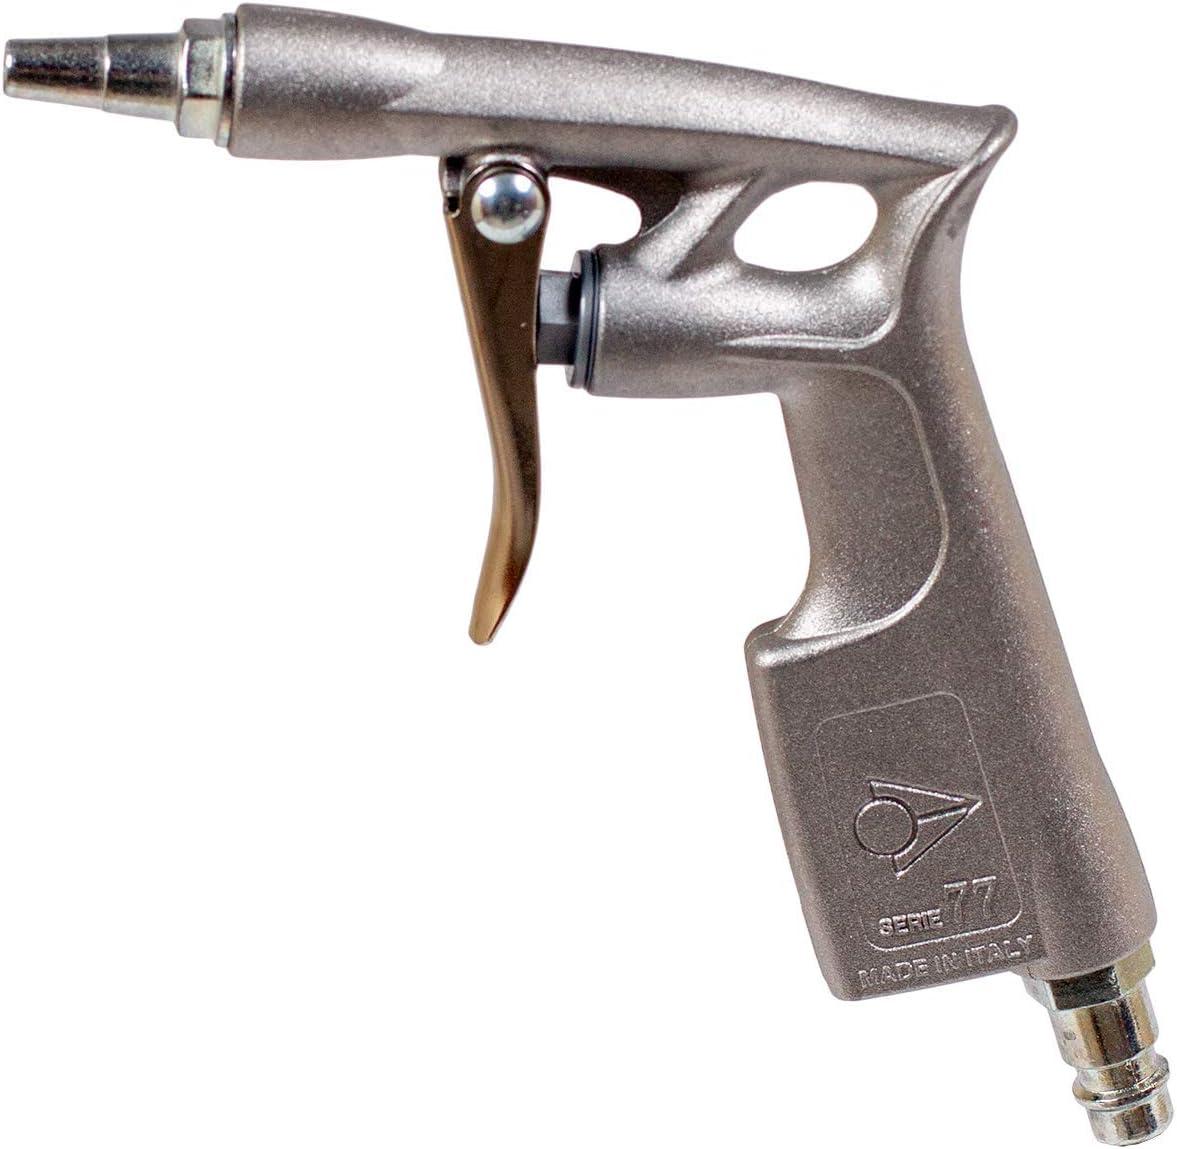 Gentilin 771100 Pistola de soplado, acero